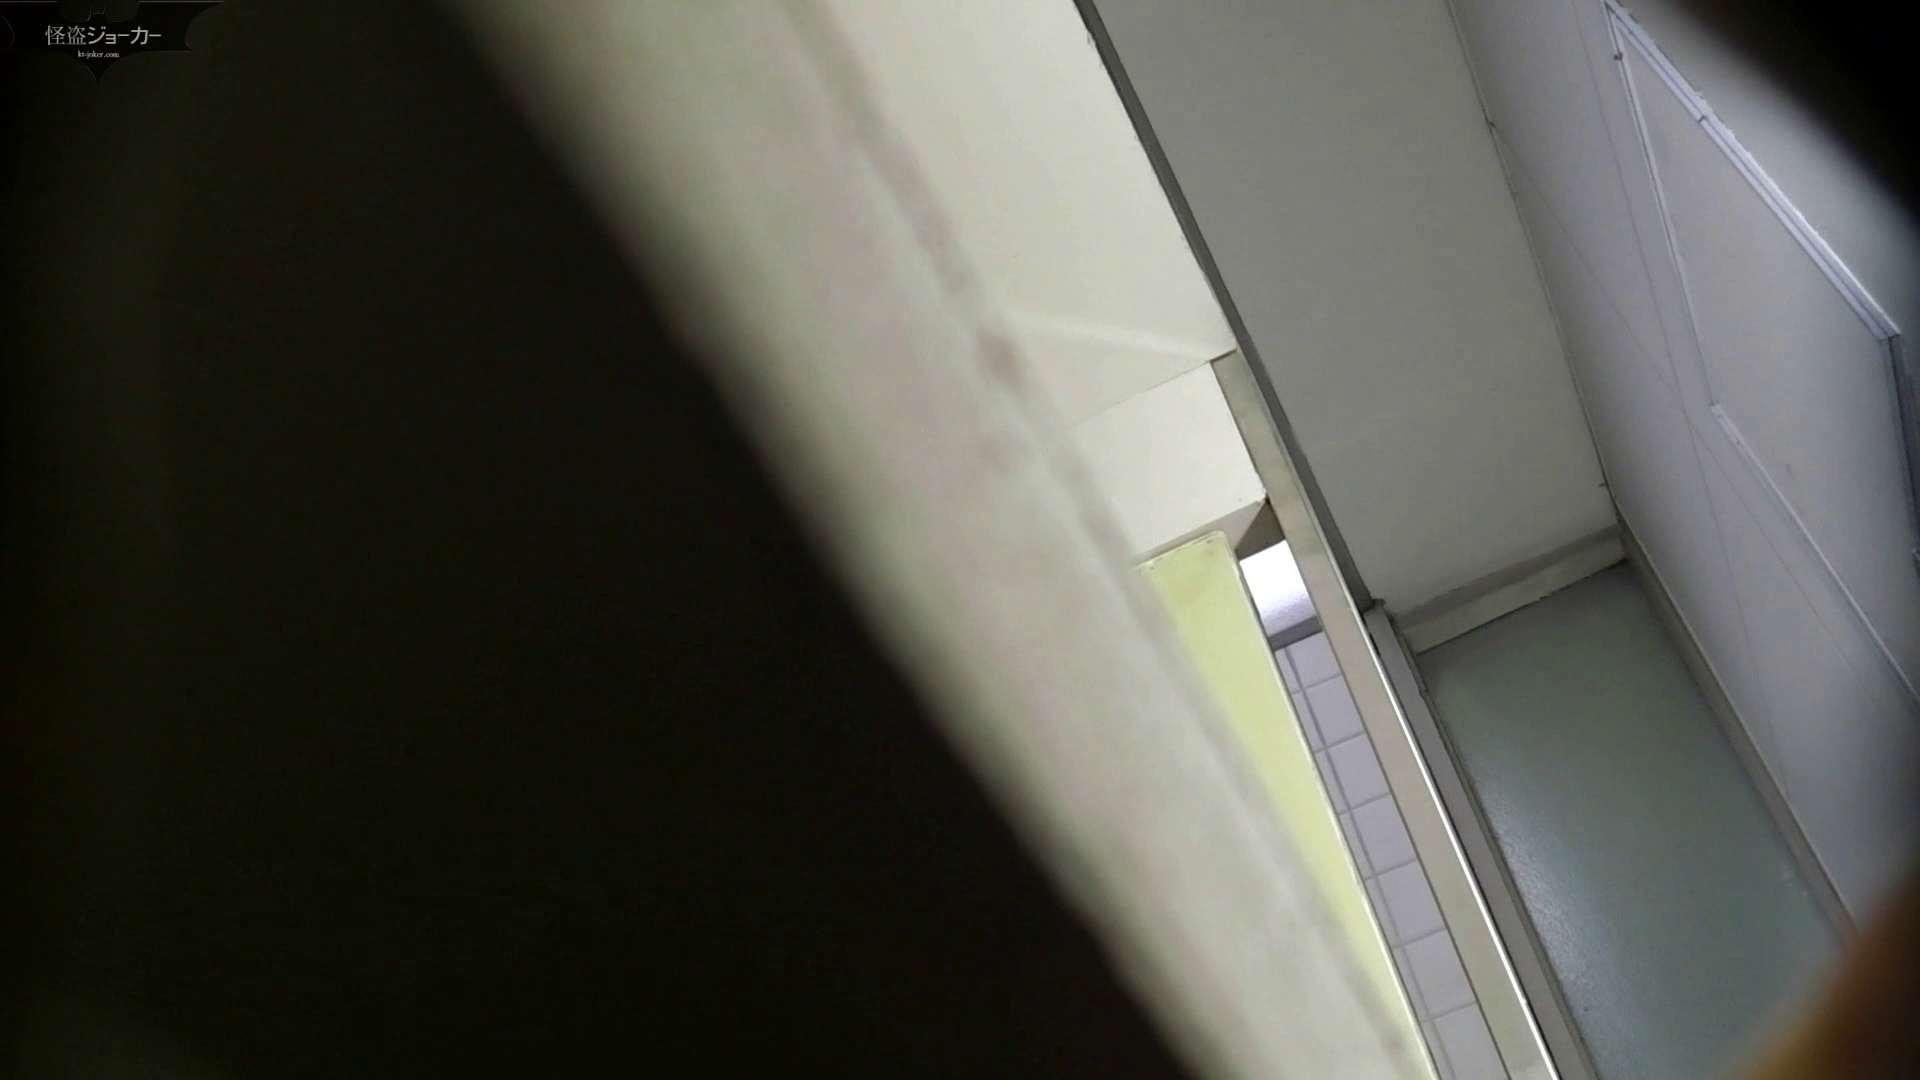 【美しき個室な世界】洗面所特攻隊 vol.051 エッチなOL  93枚 38